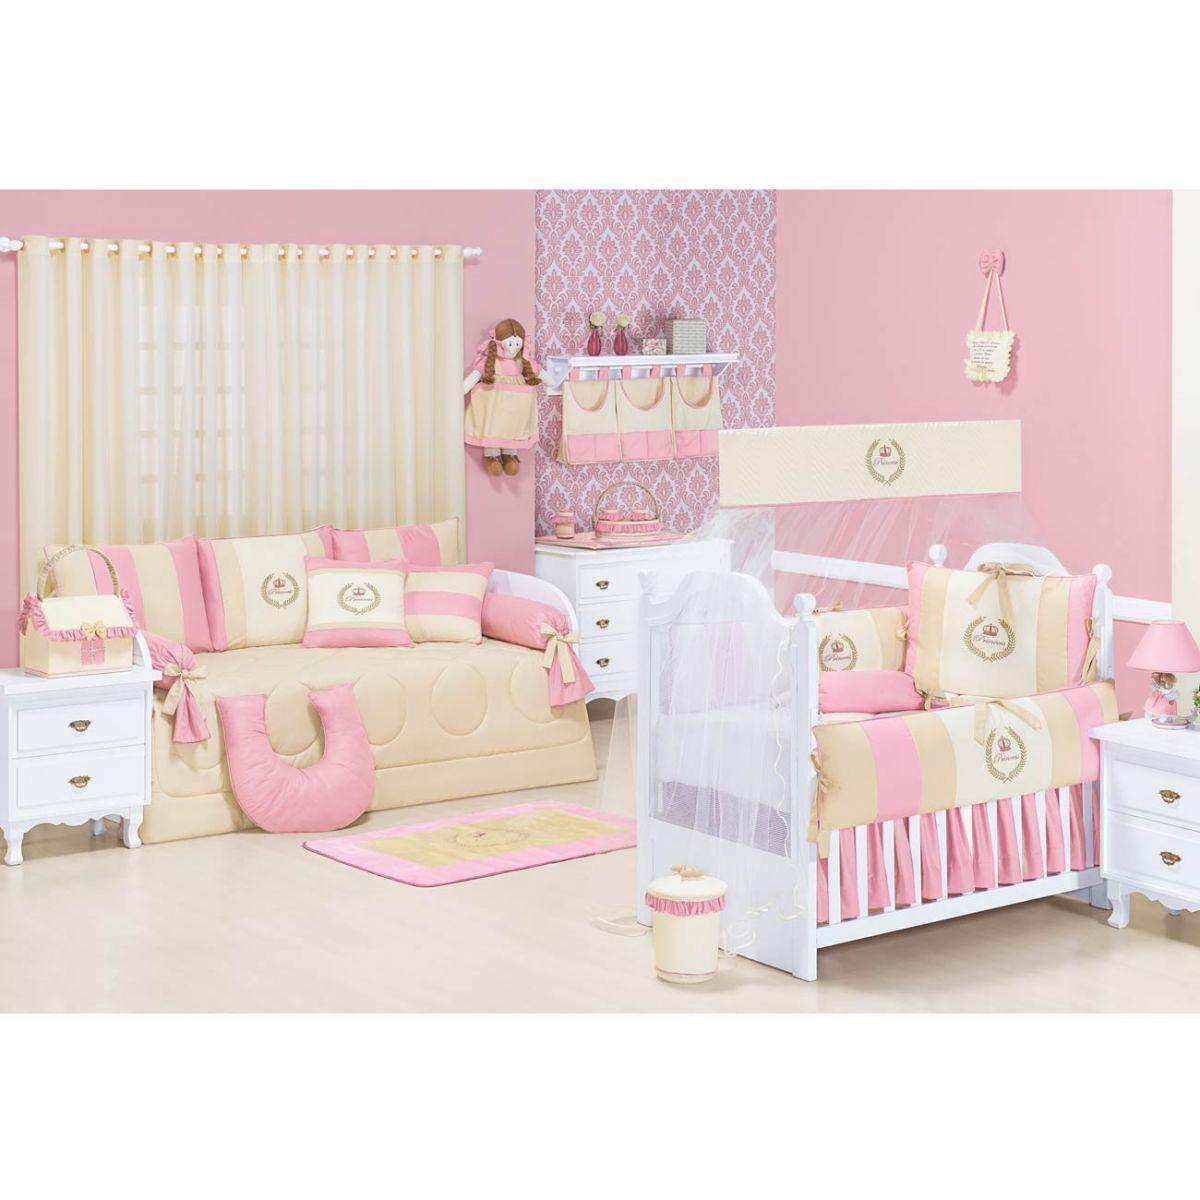 Lixeira Enfeitada p/ Quarto de Bebê - Coleção My Princess Rose